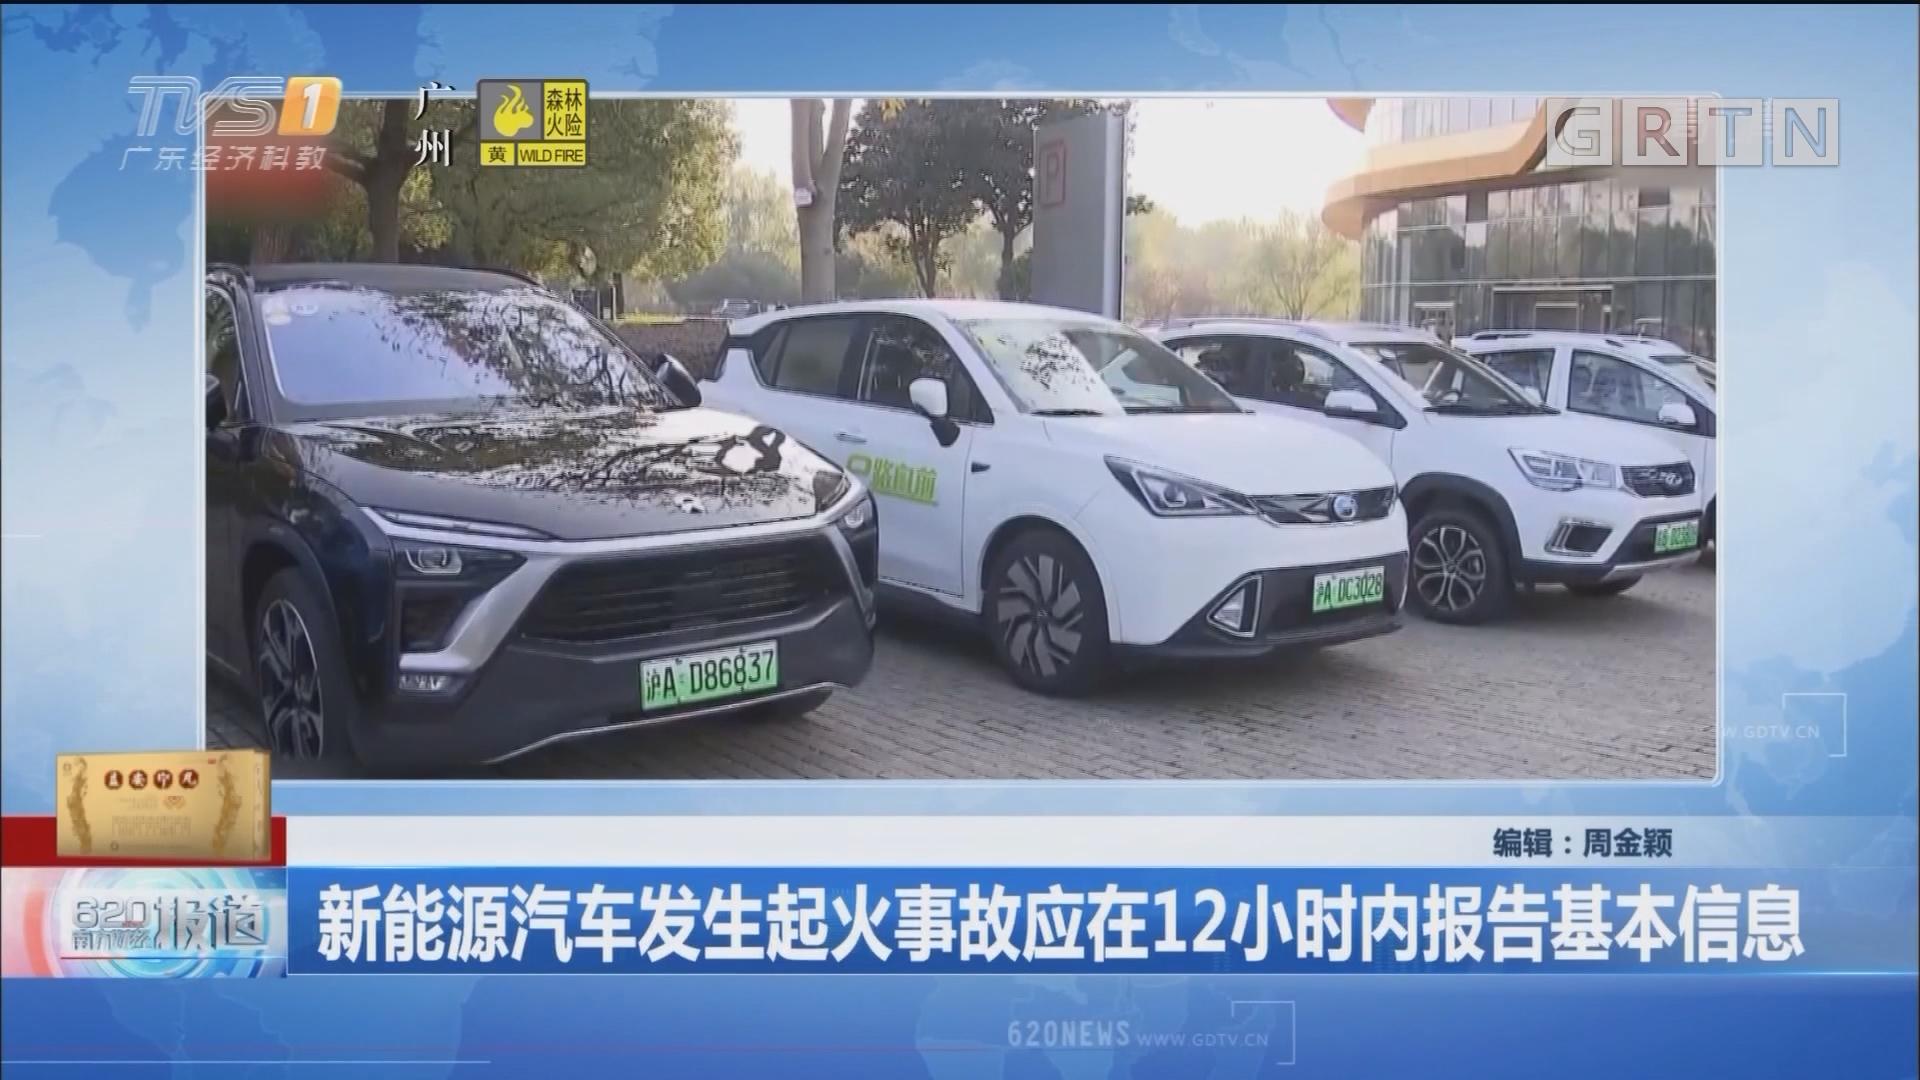 新能源汽车发生起火事故应在12小时内报告基本信息